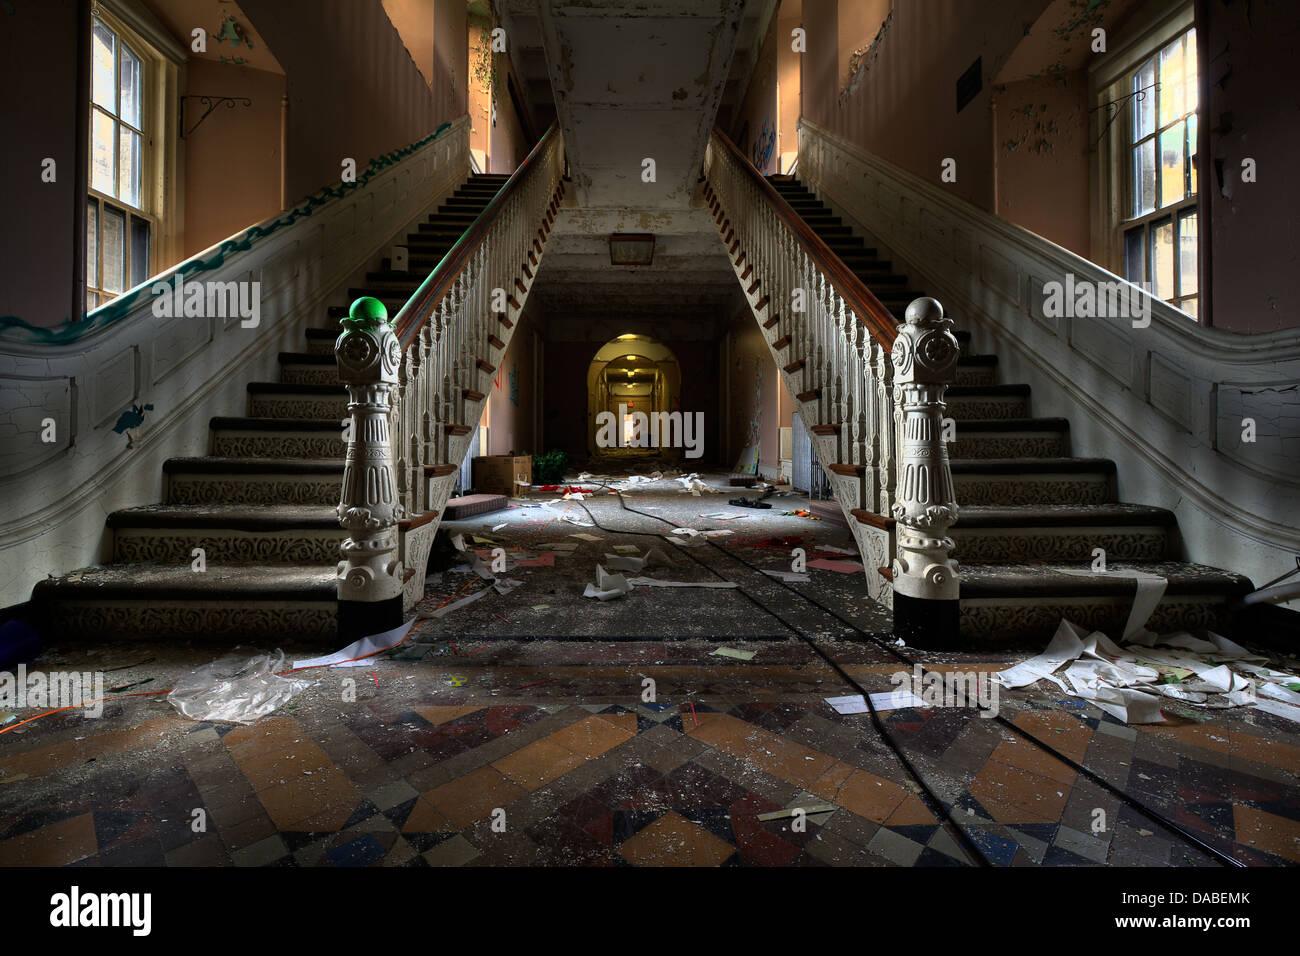 Haupteingang Treppe im Inneren der verlassenen Greystone psychiatrischen Klinik Stockbild